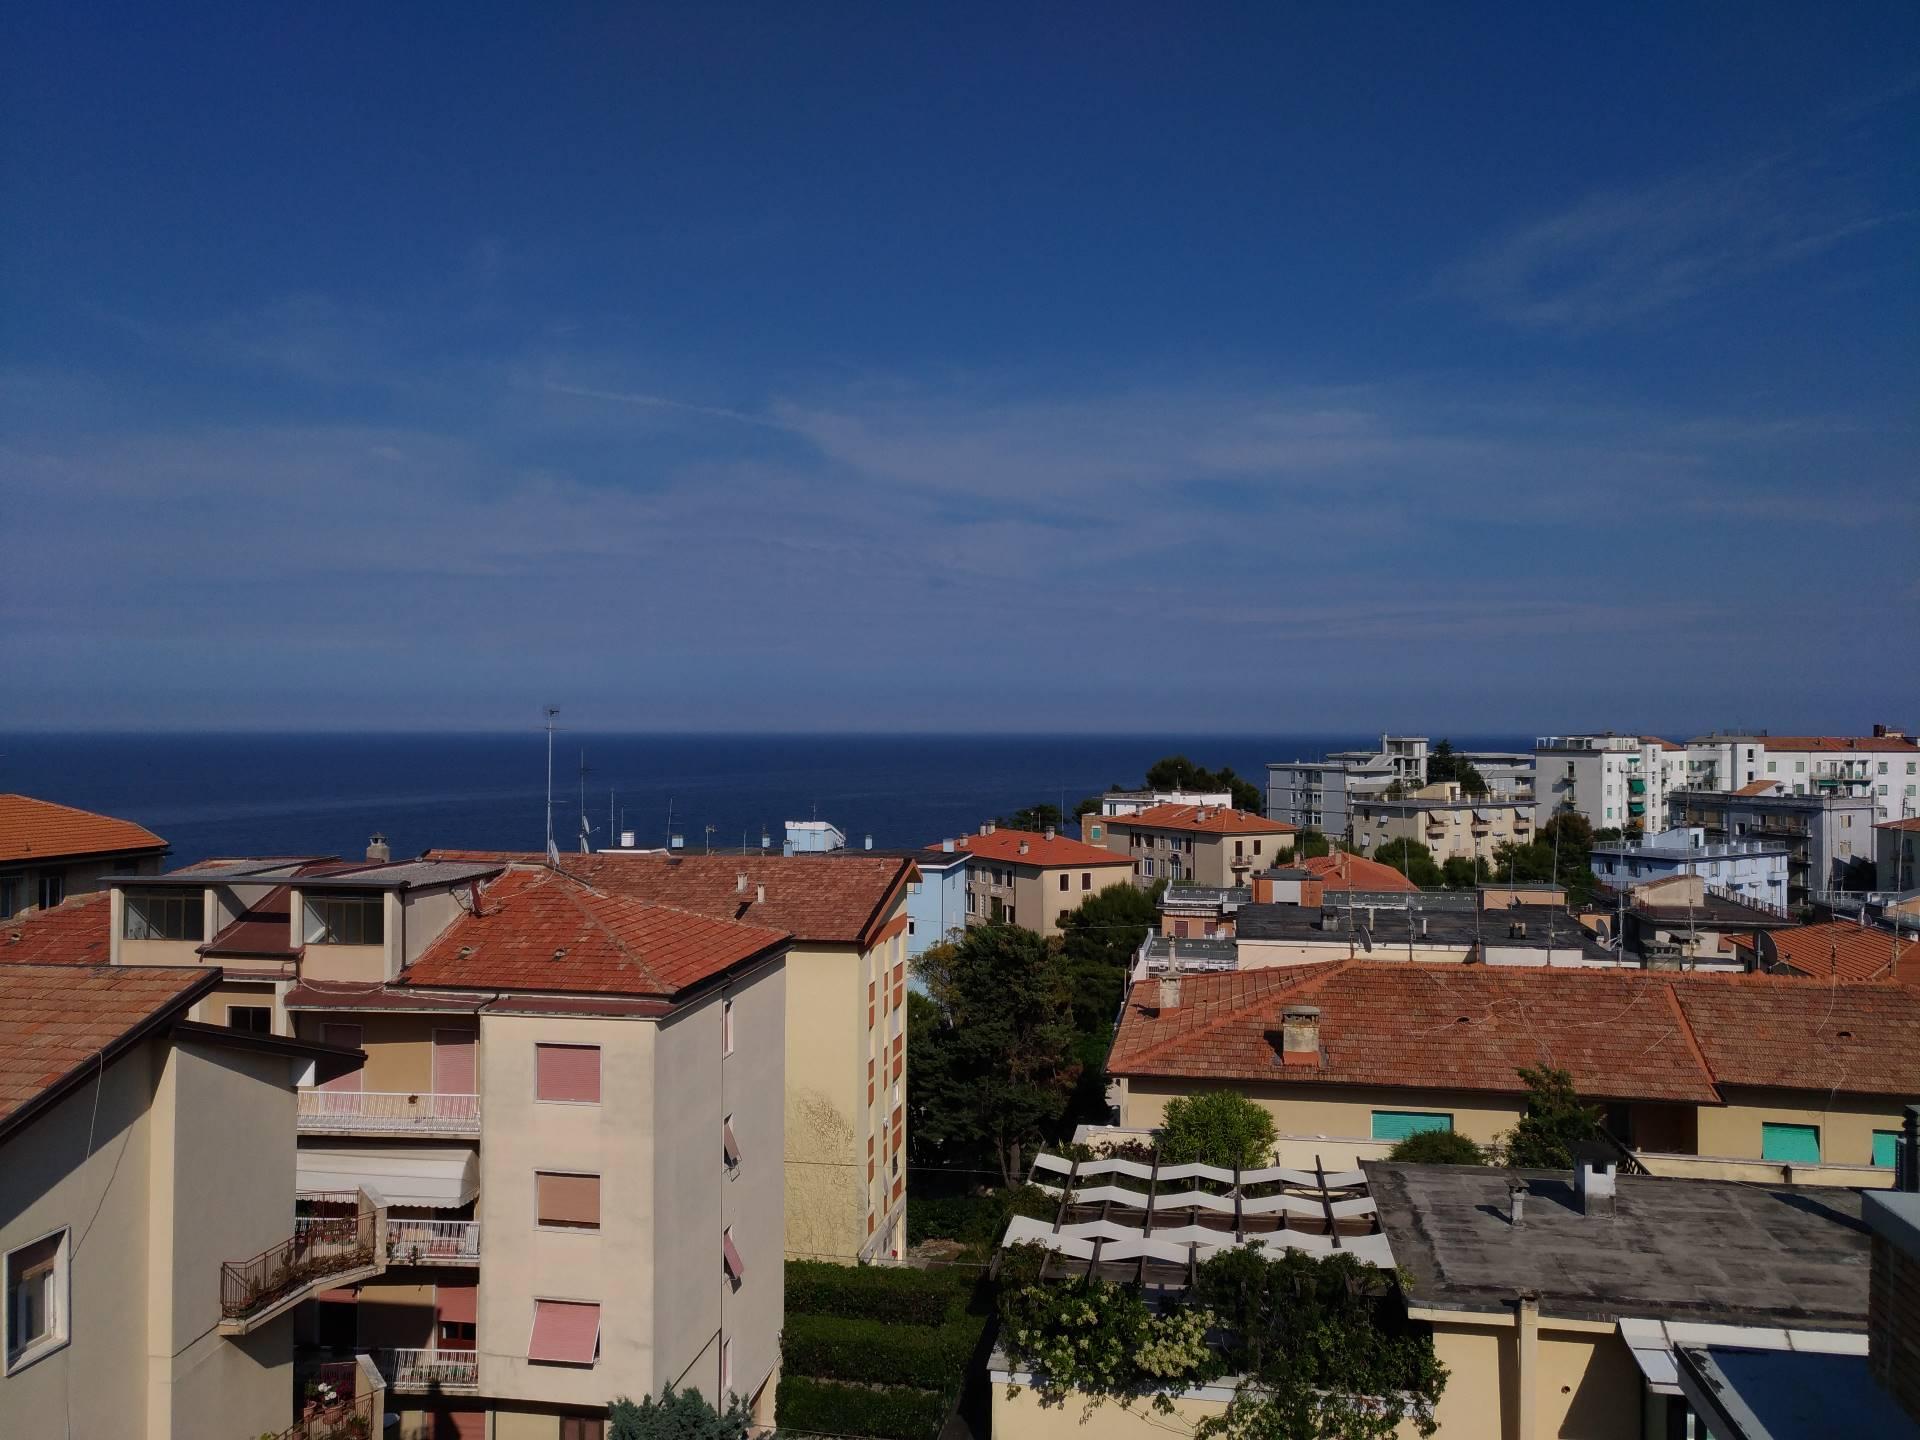 Appartamento in affitto a Ancona, 5 locali, zona Località: Q.Adriatico, prezzo € 700 | Cambio Casa.it